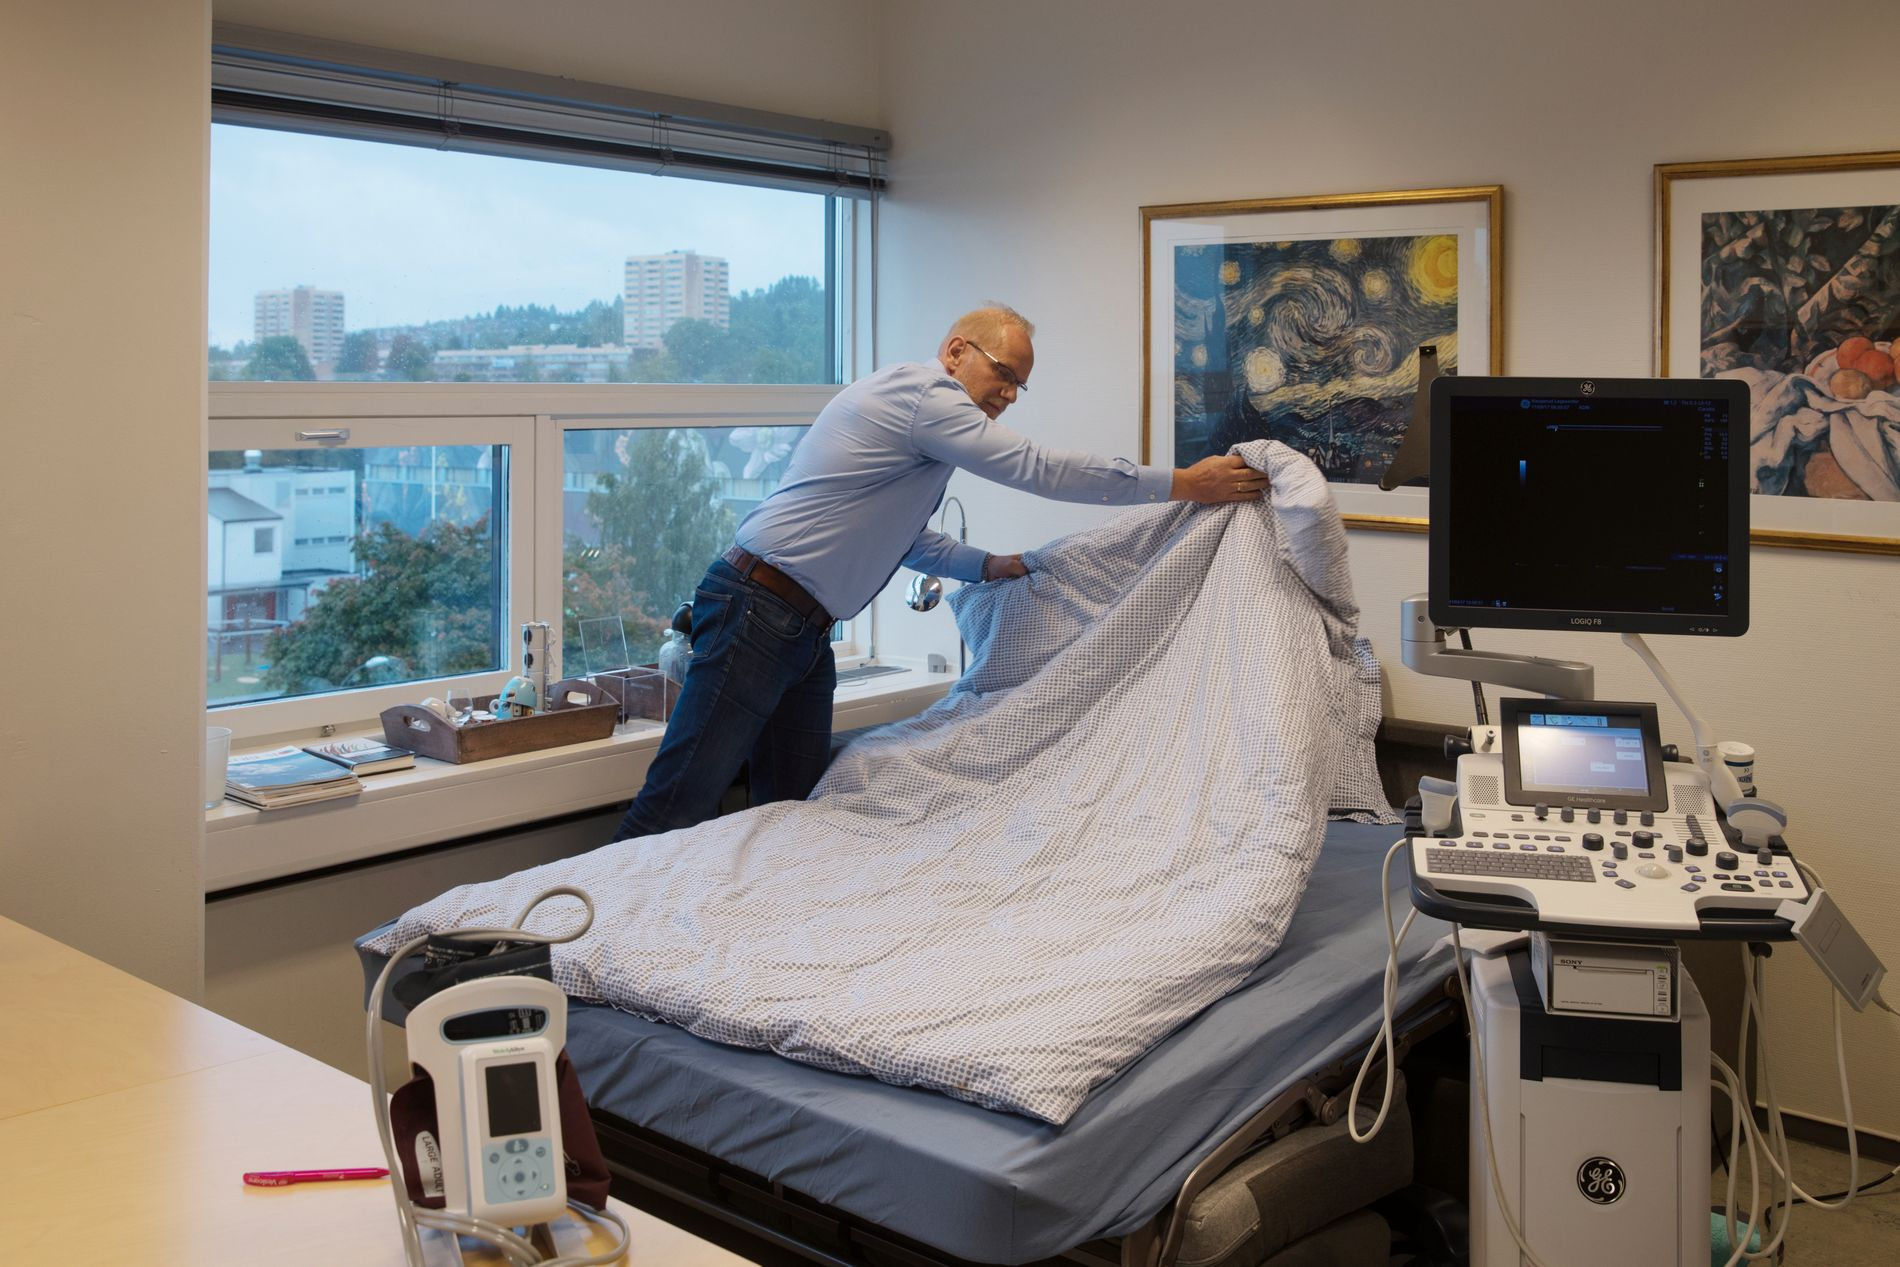 SOVER PÅ JOBBEN: Heidar Olsson på Haugerud legesenter sover av og til på kontoret for å rekke alt jobben innebærer.